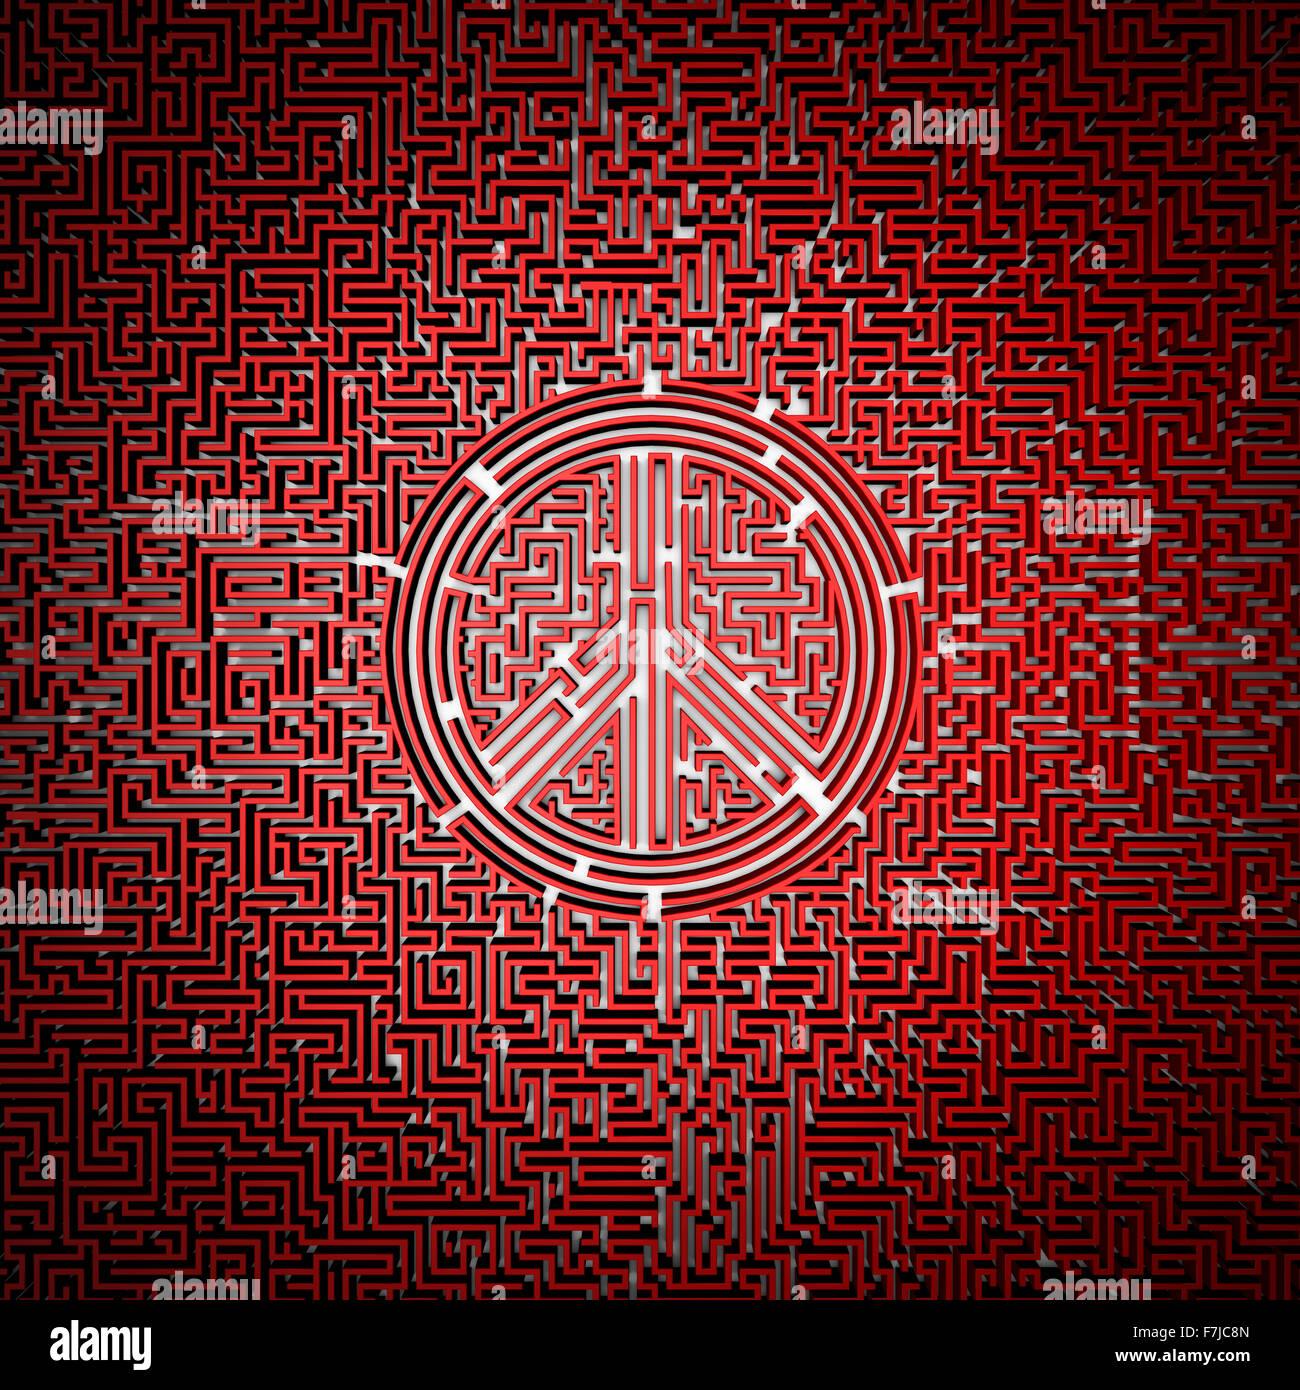 Ultimative Ruhe Labyrinth / 3D-Render des Riesen-Labyrinth mit Friedenssymbol in Mitte, leicht zu kolorieren Stockbild